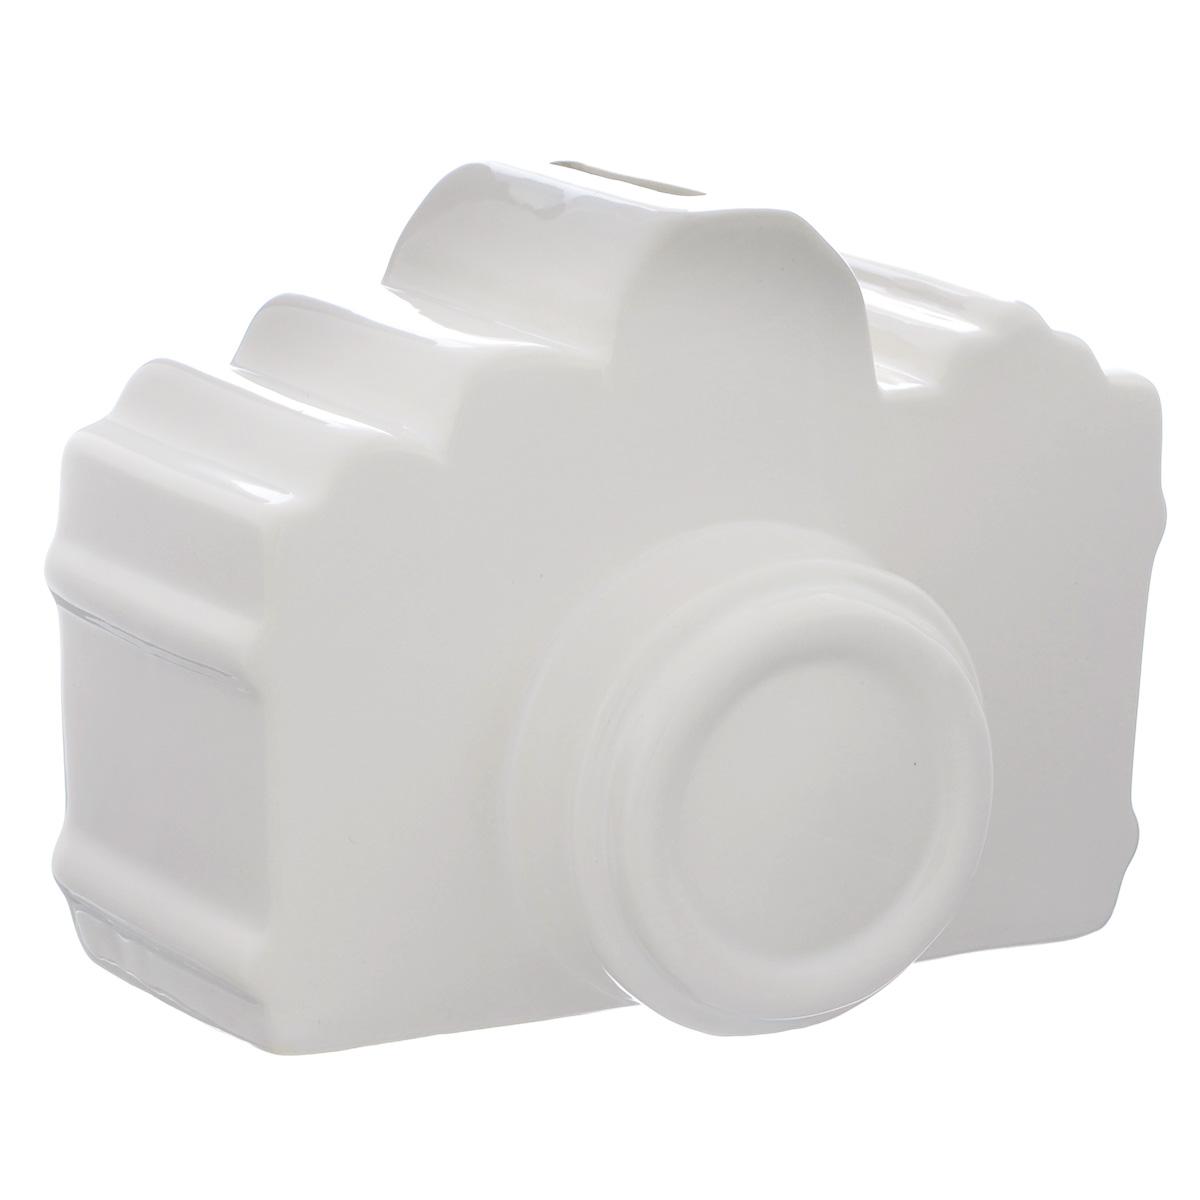 Копилка декоративная Фотоаппарат, цвет: белый030537006Декоративная копилка Фотоаппарат изготовлена из доломитовой керамики. Яркий оригинальный дизайн сделает такую копилку прекрасным подарком. Она послужит не только по своему прямому назначению, но и красиво дополнит интерьер комнаты.